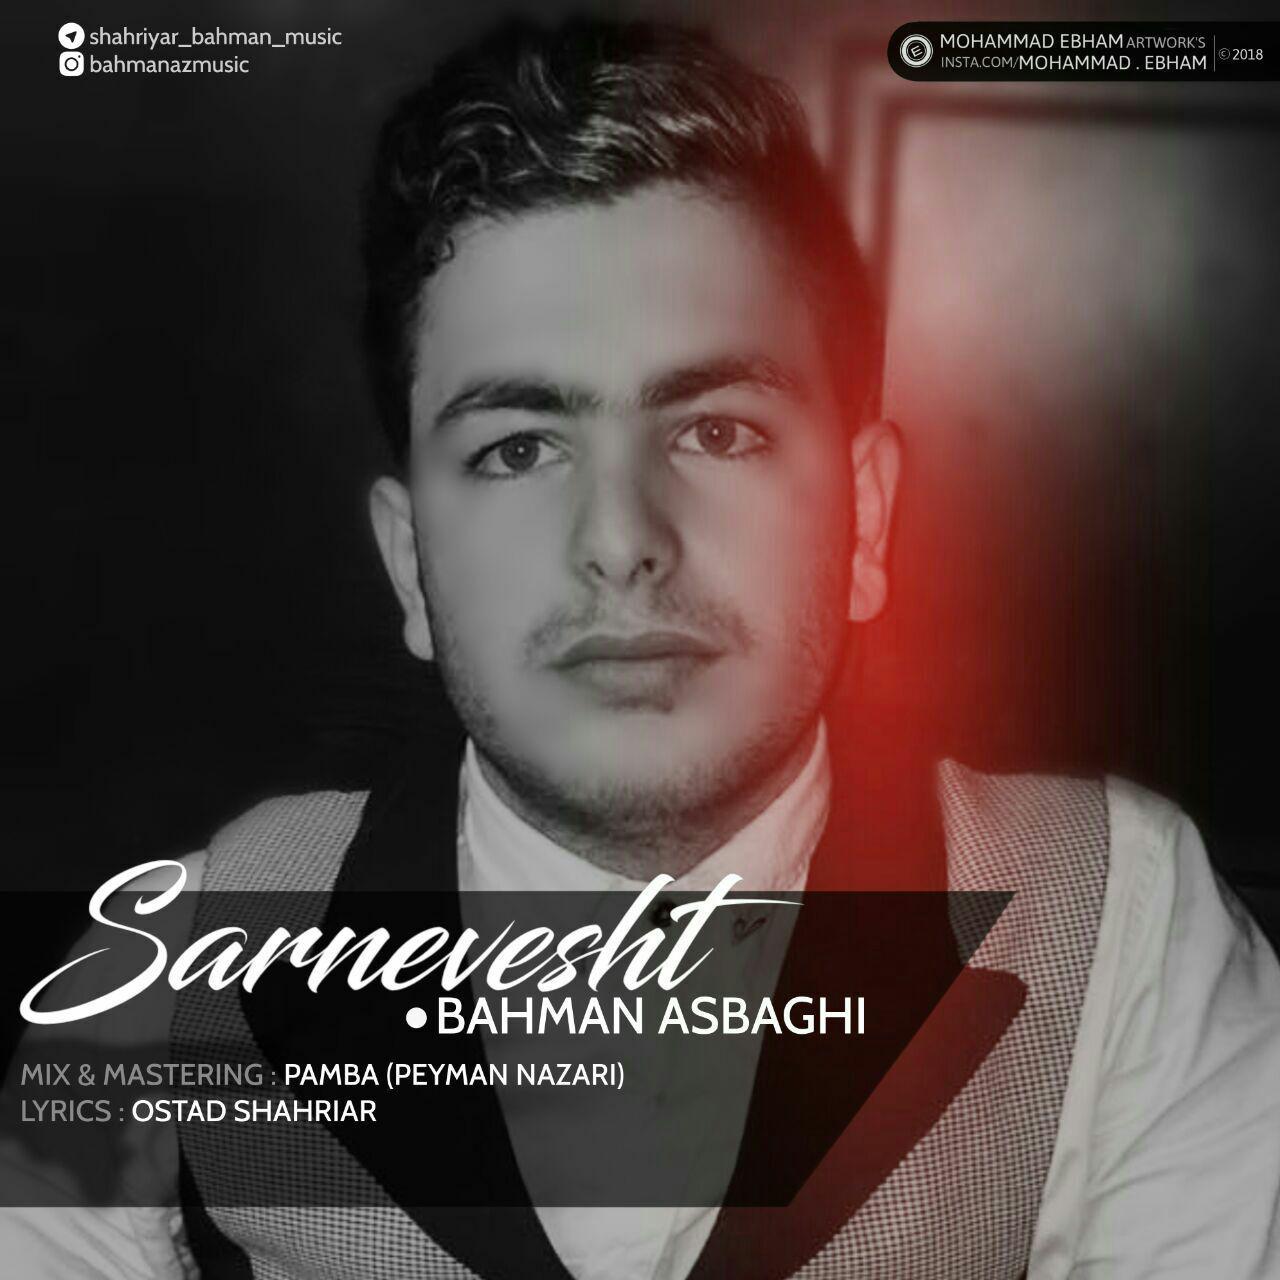 دانلود آهنگ جدید بهمن اسبقی به نام سرنوشت